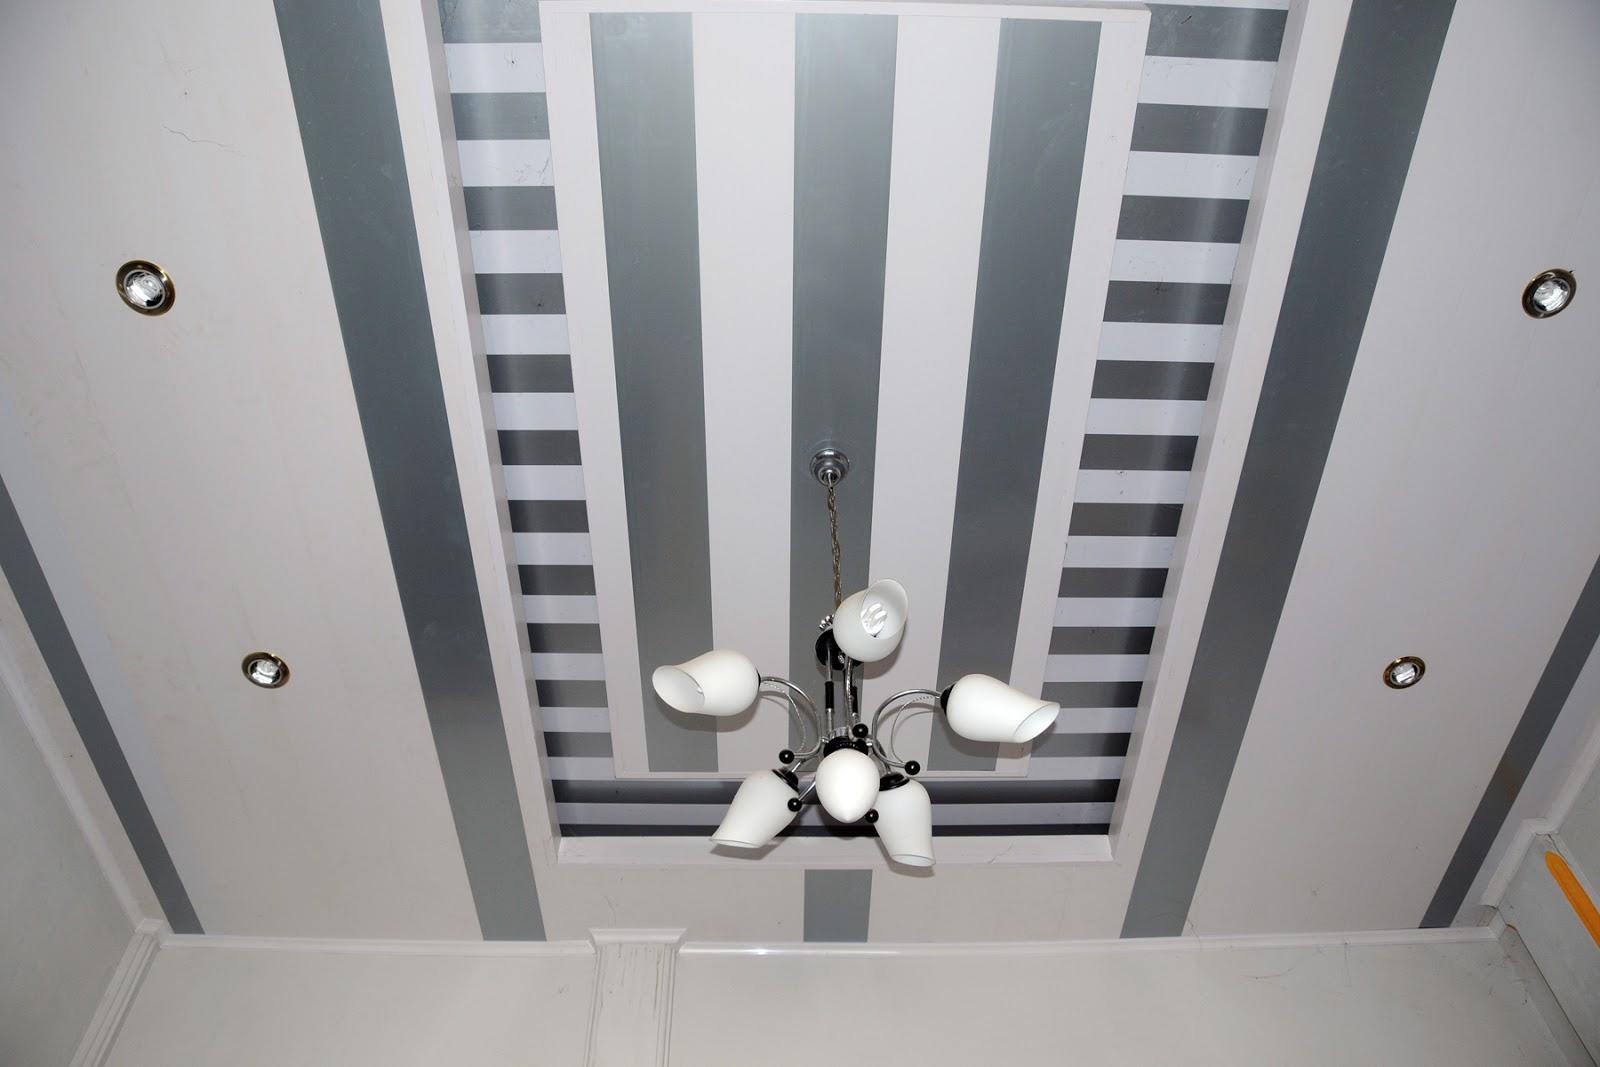 Desain Plafon Pvc Terbaru Desain Rumah Minimalis Terbaru Tahun Ini